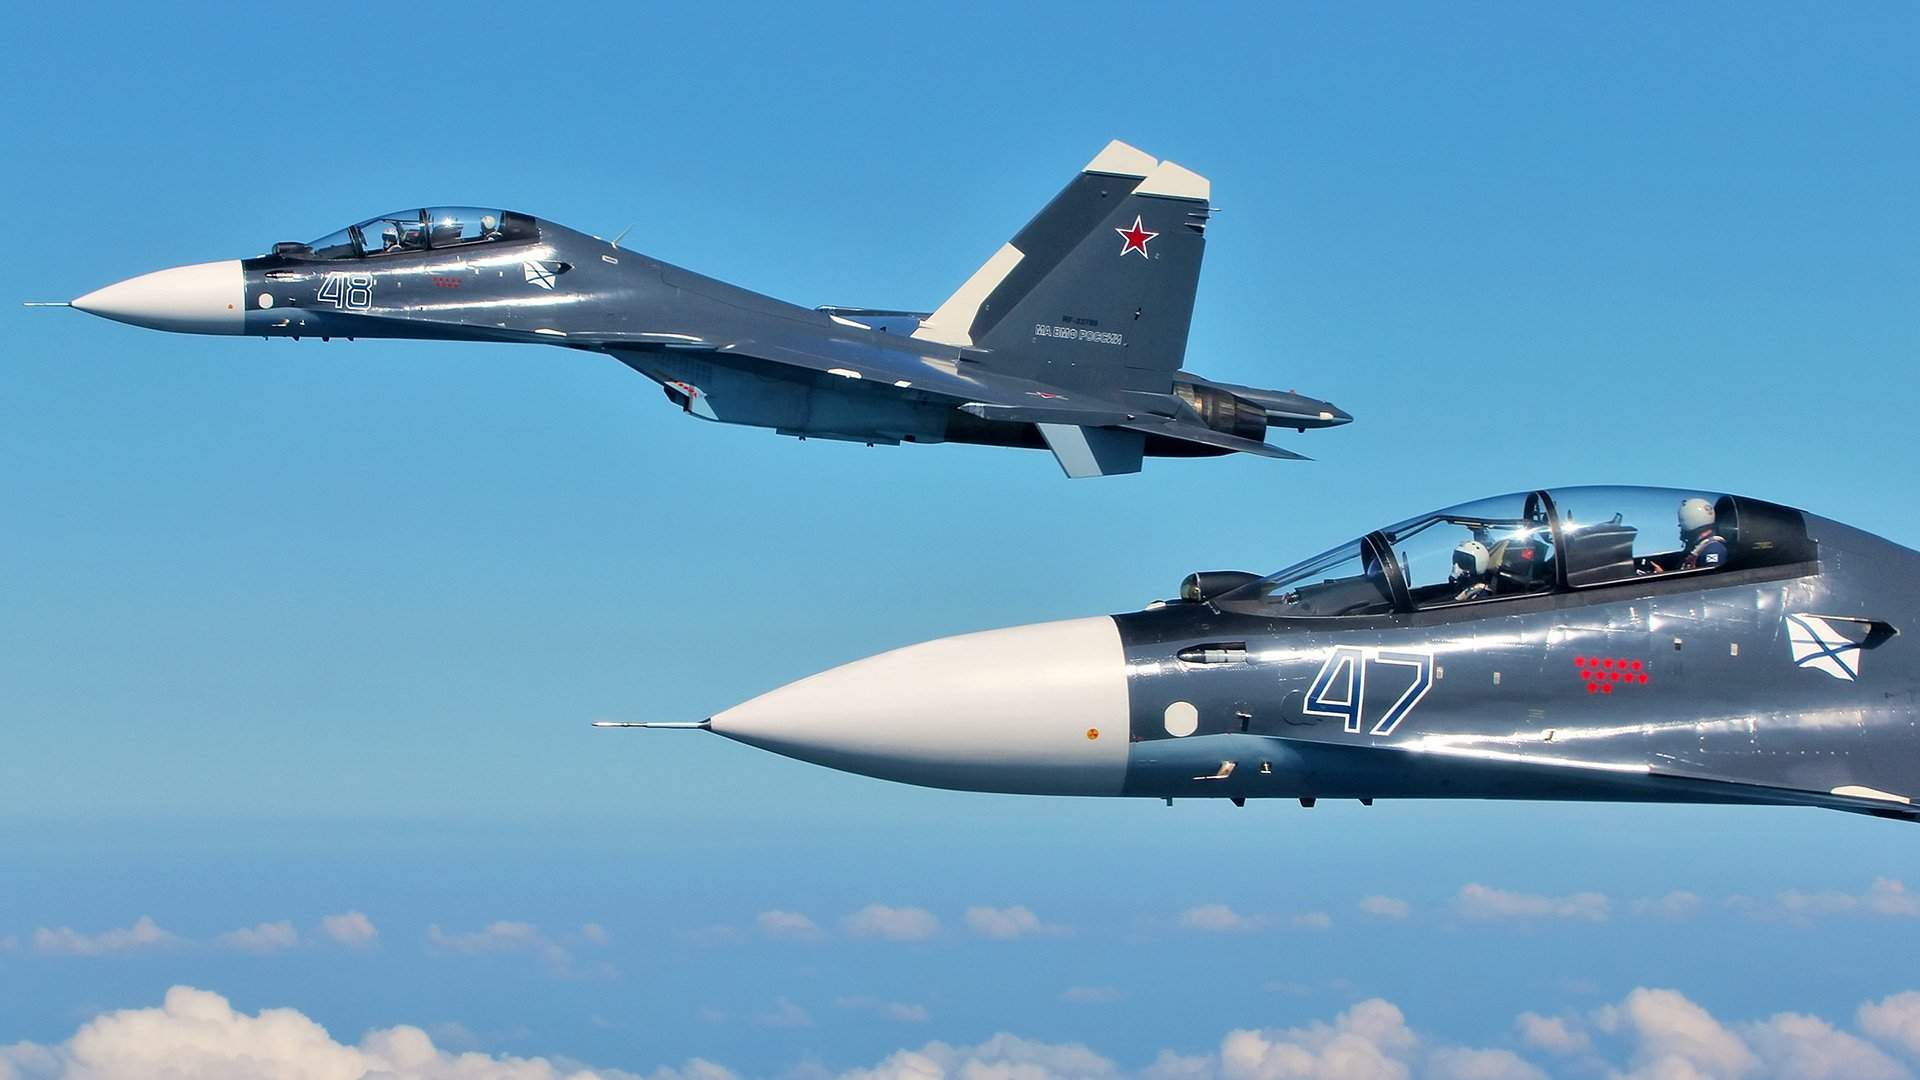 На одном крыле: Су-30 становится «единым самолетом» ВВС стран ОДКБ ...